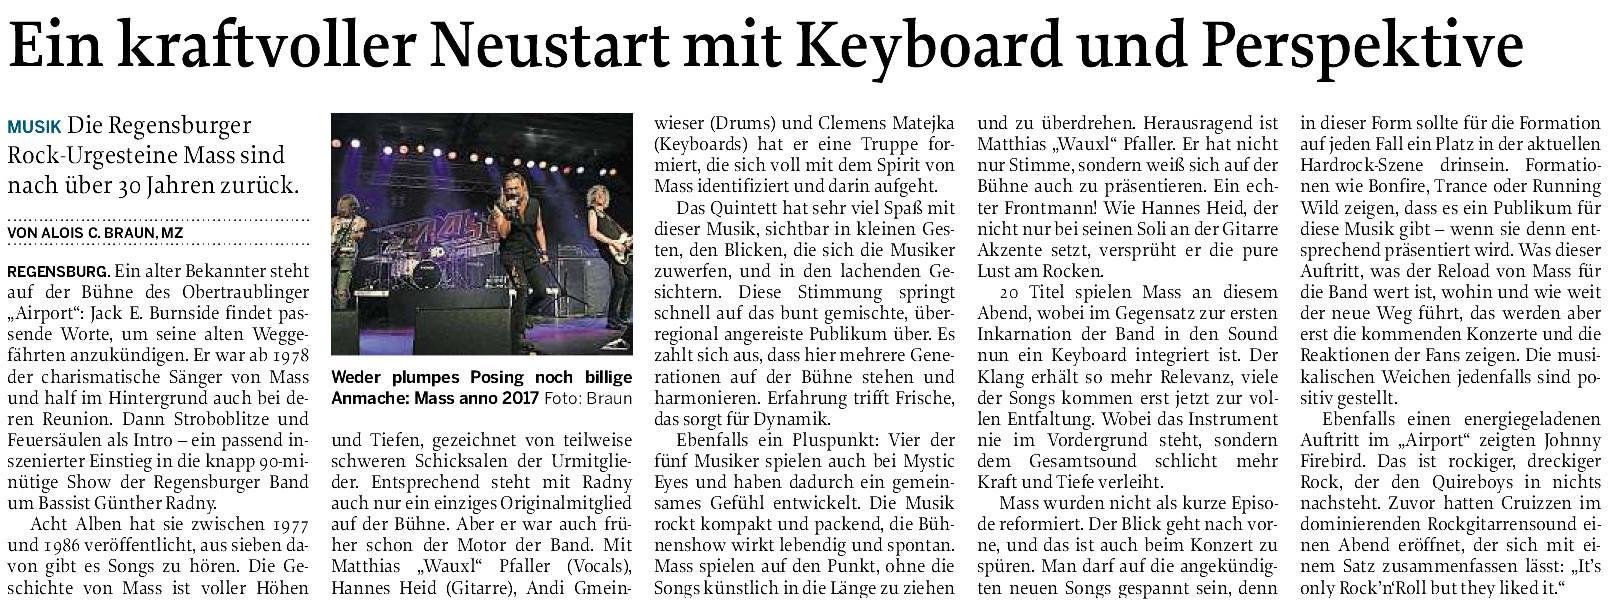 Mittelbayerische Zeitung vom 18.05.2017